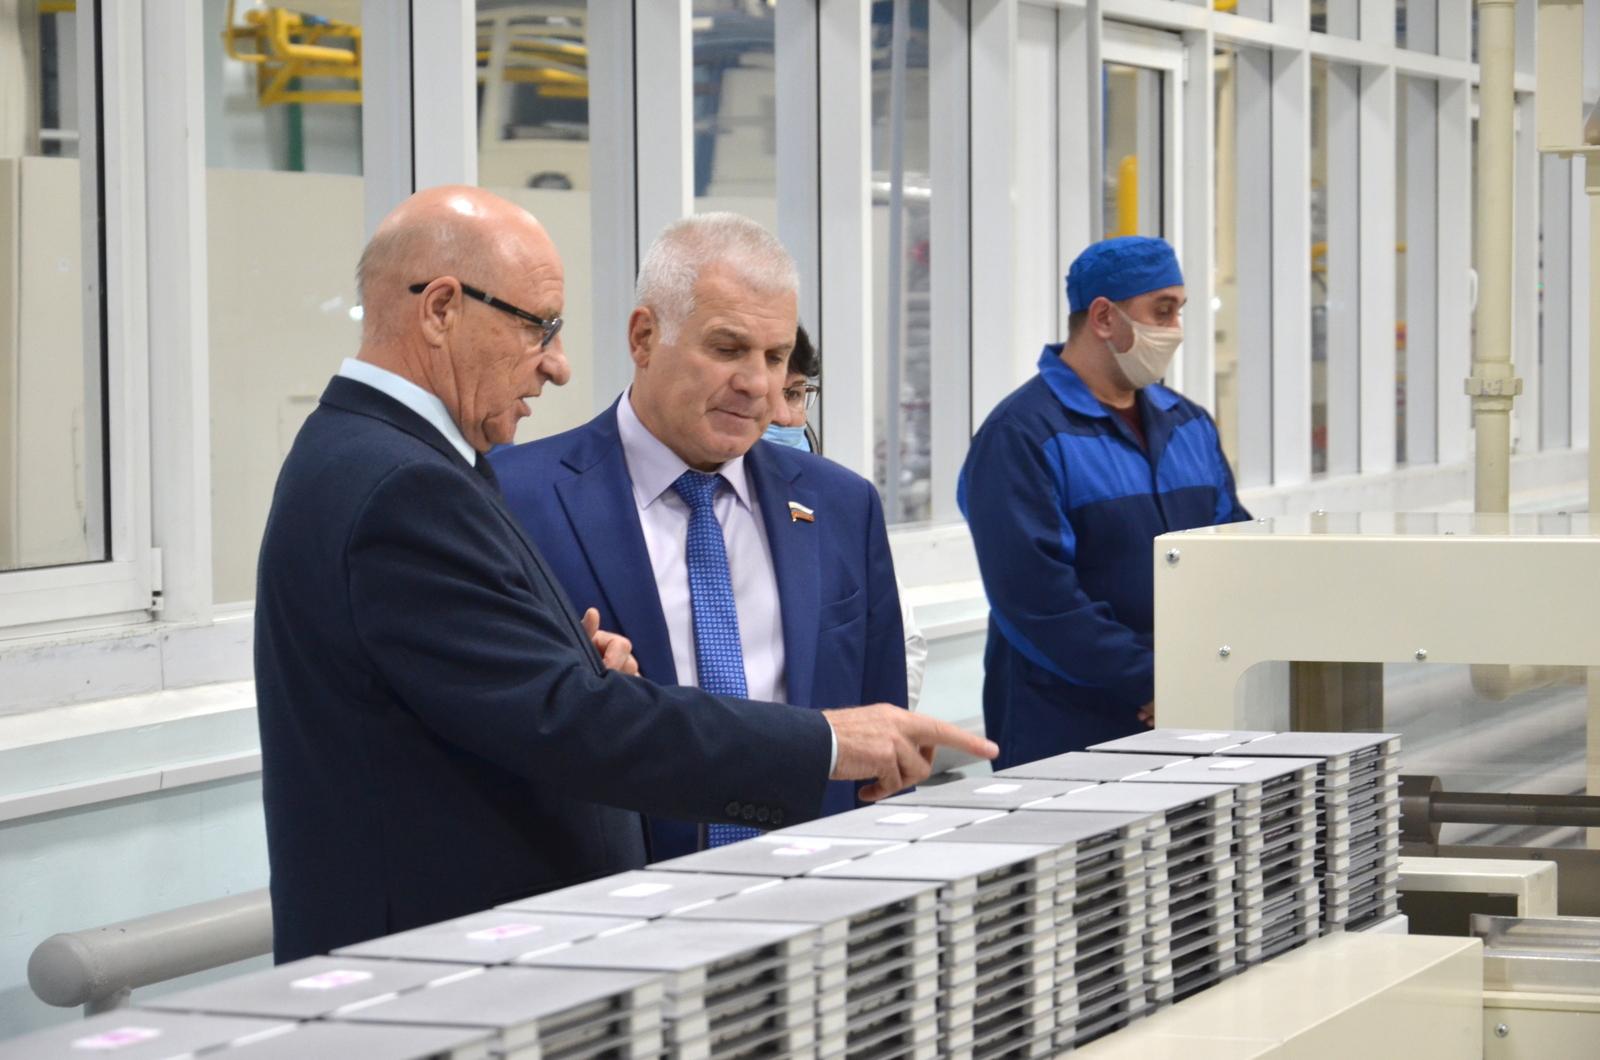 Сенатор Мартынов посетил в Йошкар-Оле Завод полупроводниковых приборов